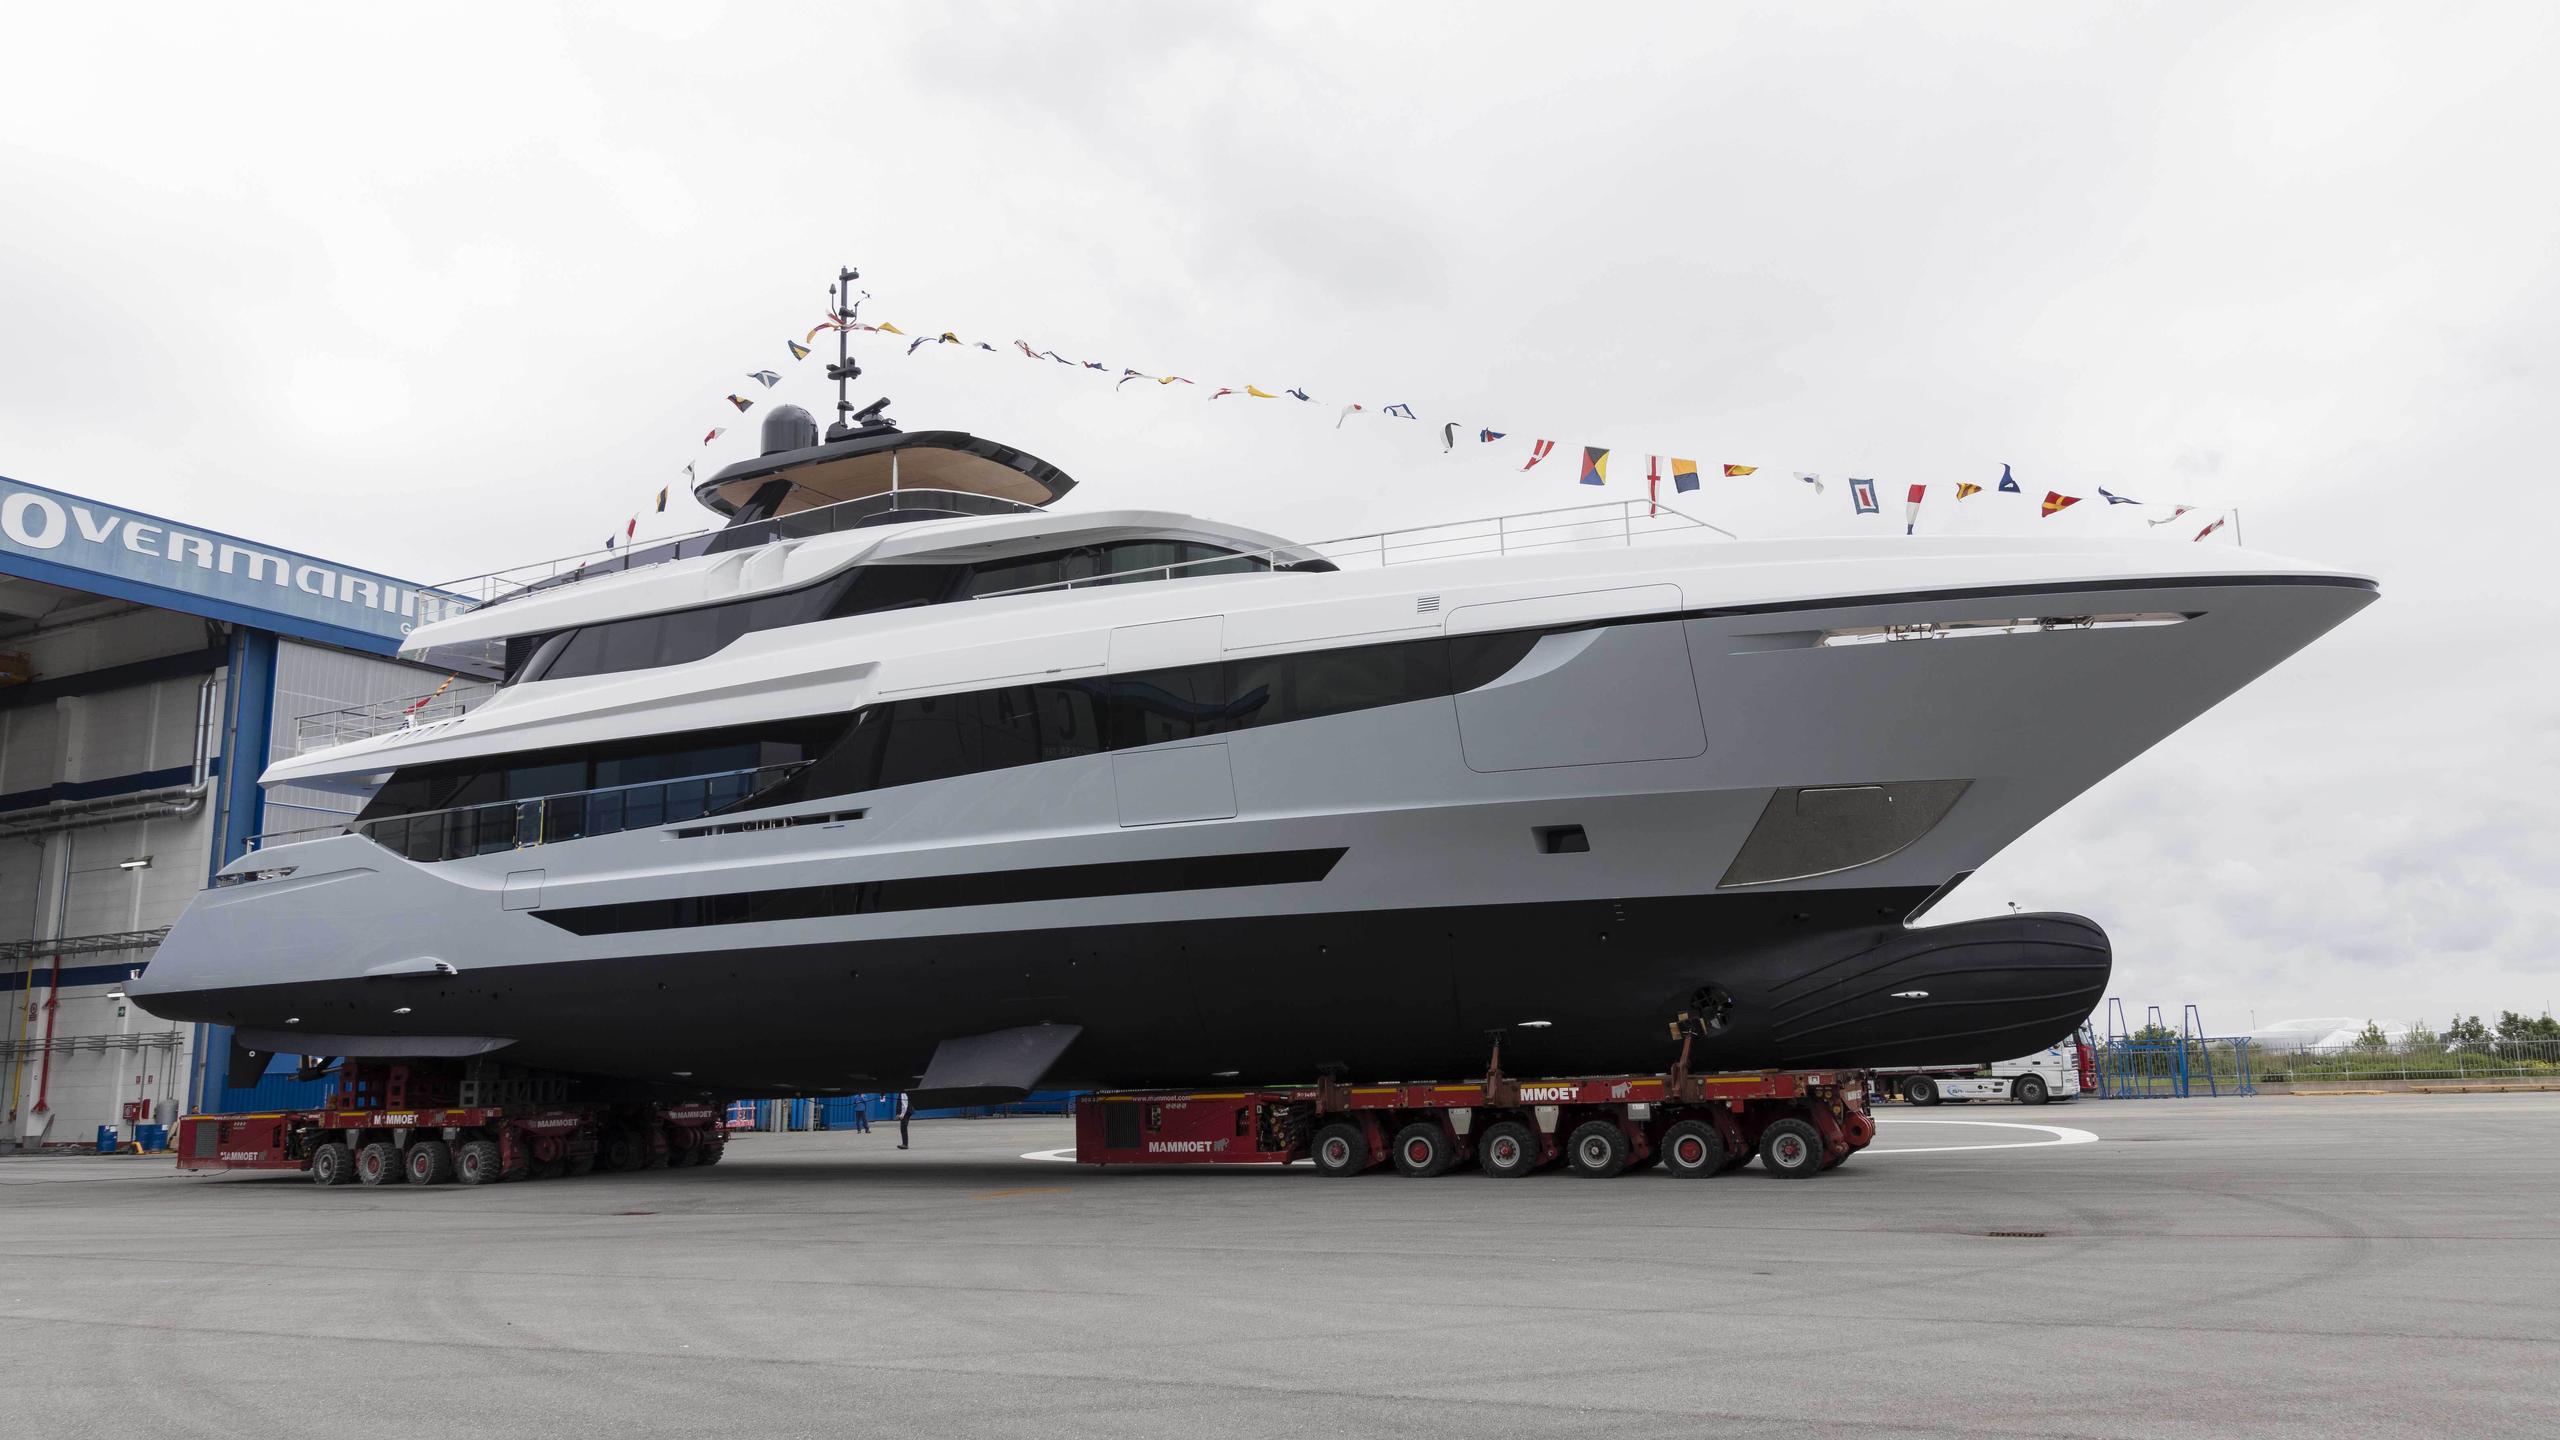 oceano 42 hull 2 motoryacht overmarine 42m 2017 launch profile